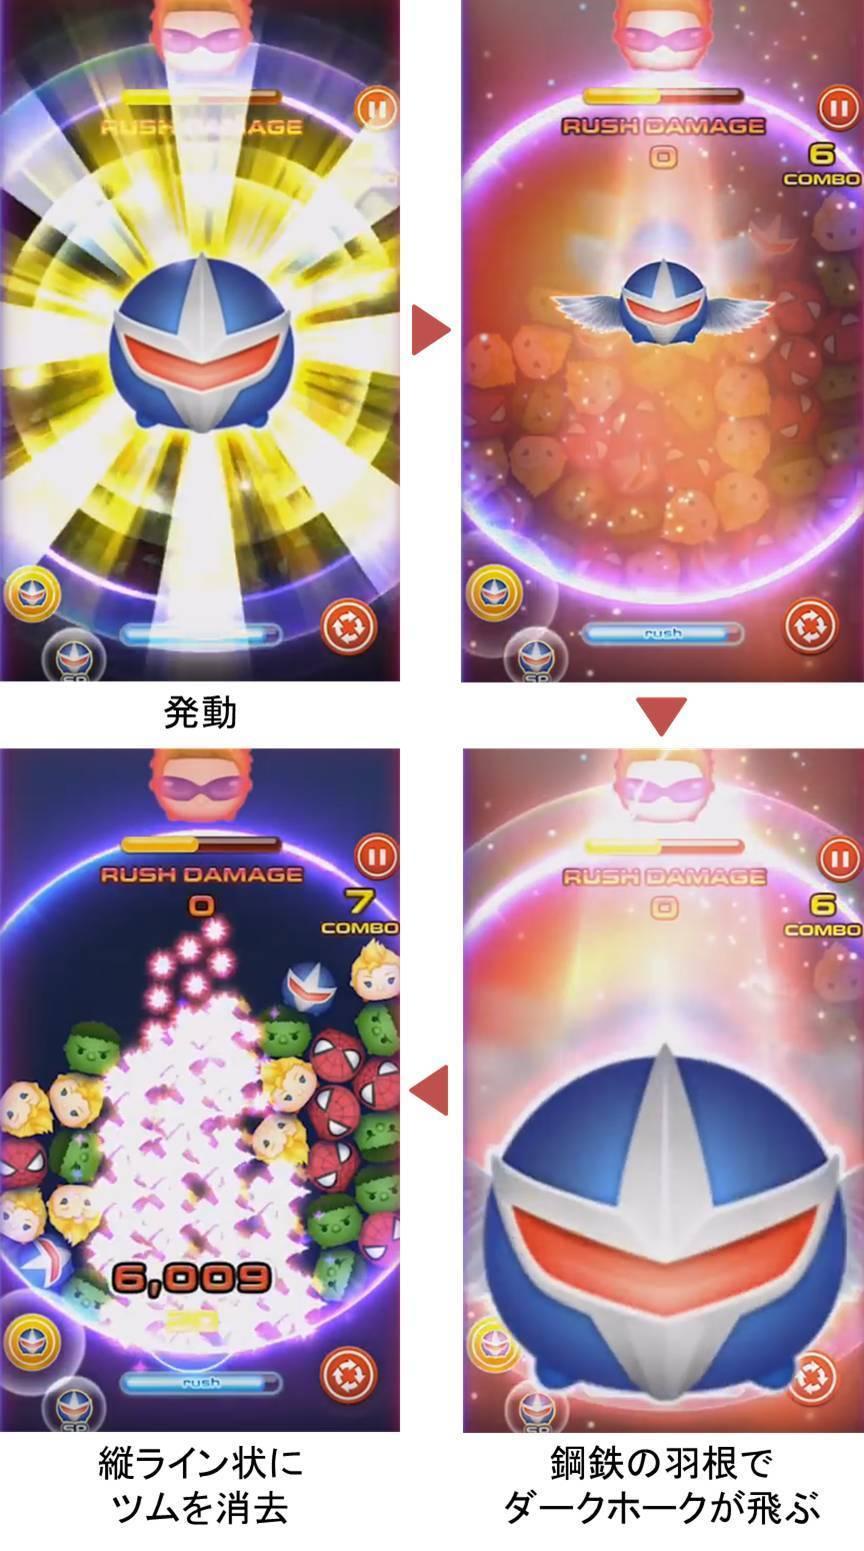 マーベルツムツム ランキング ダークホーク スペシャル メタリックウィング .jpg